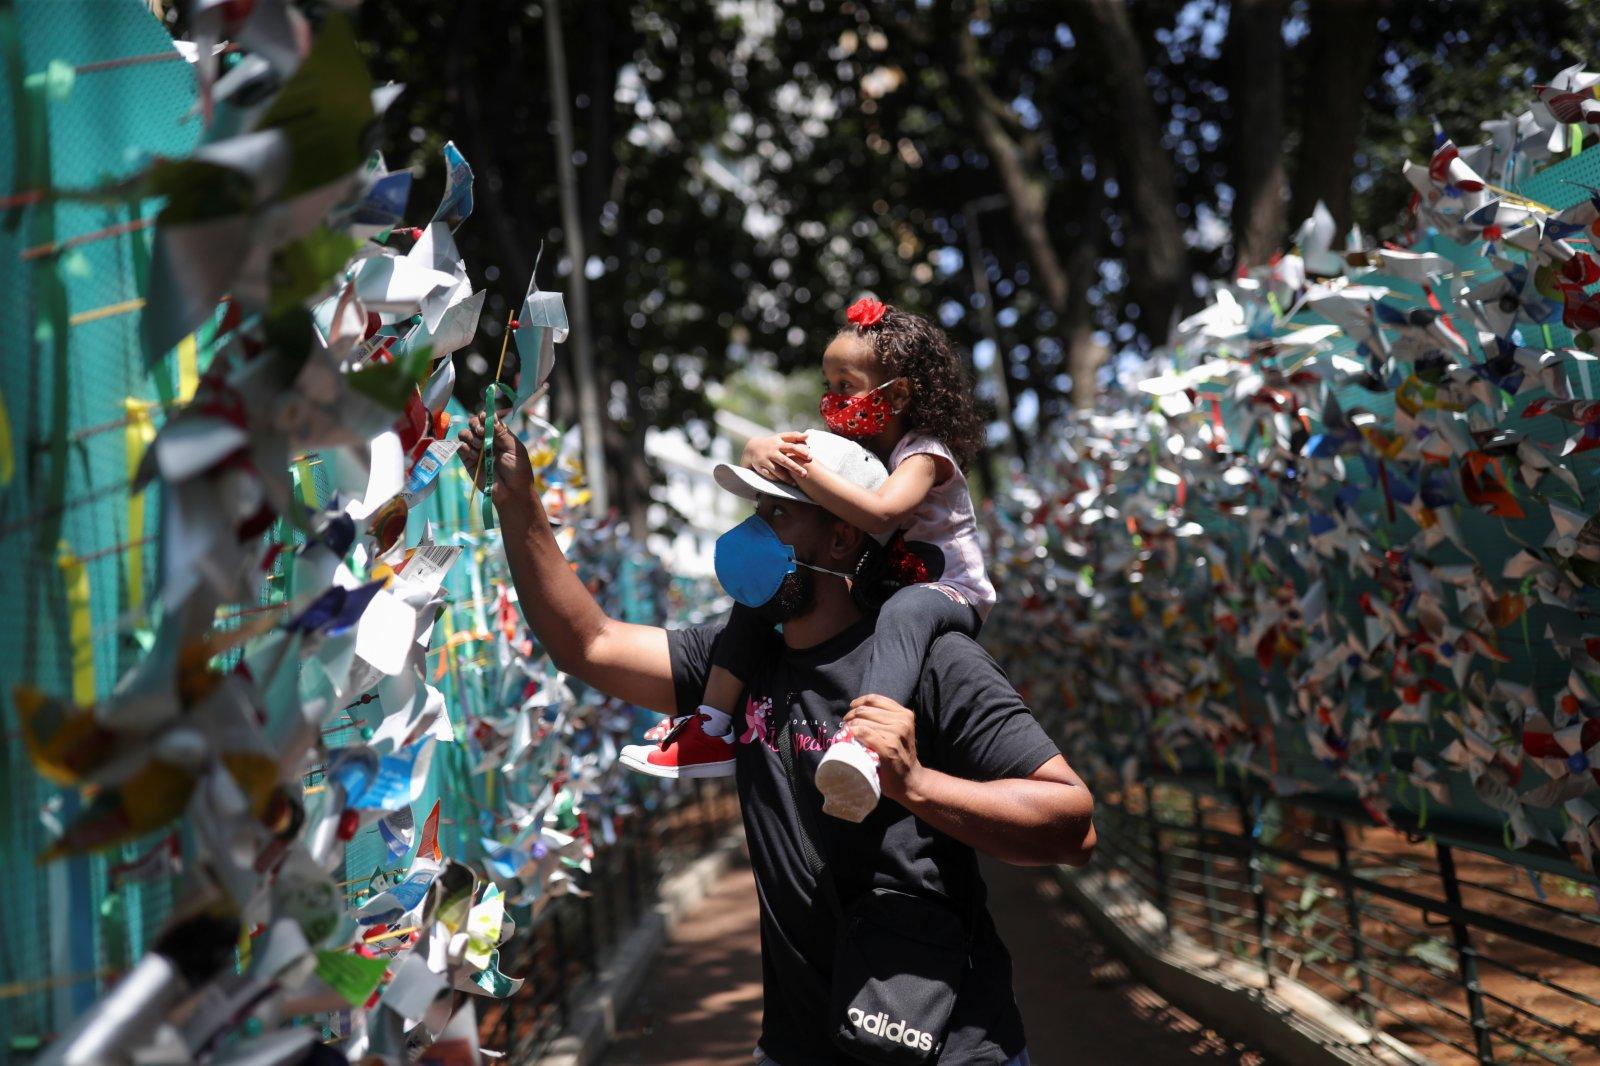 當地時間2021年10月6日,巴西聖保羅,人們在一條小路兩邊掛滿風車,悼念新冠肺炎逝者。(路透社)